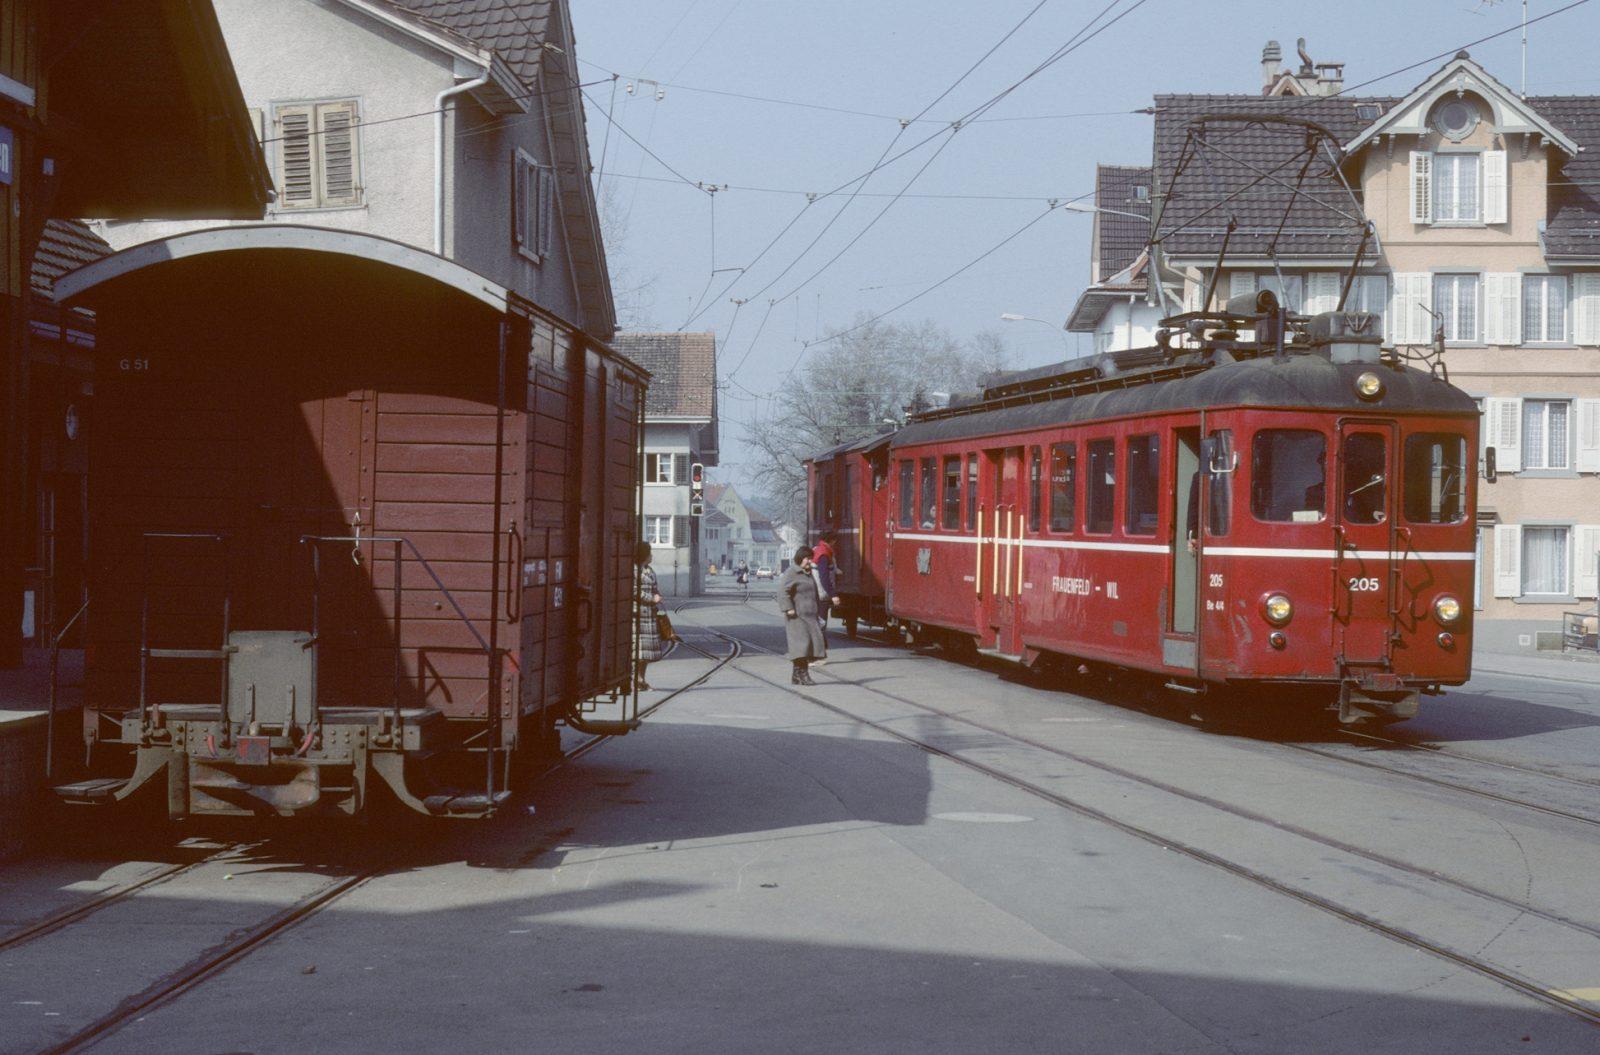 Frauenfeld Wil Bahn Triebwagen ex bd